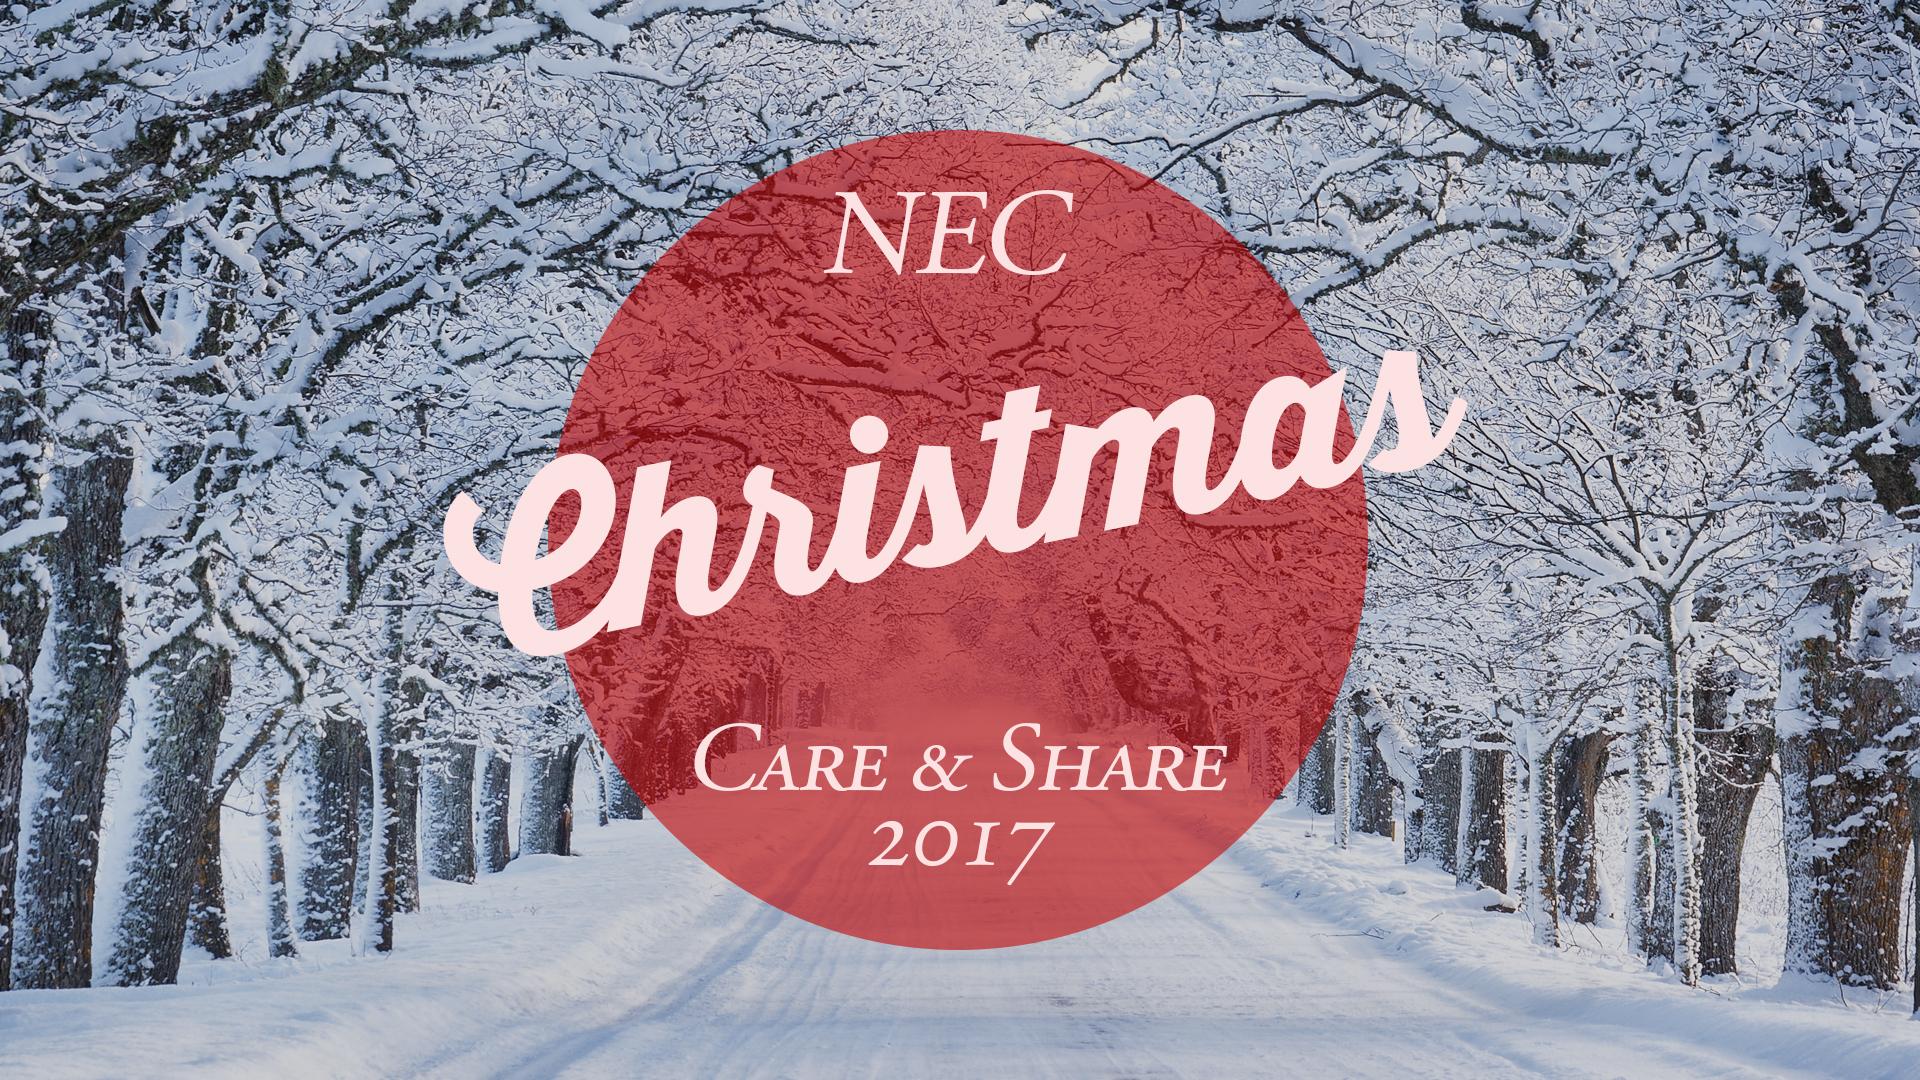 NEC Christmas Care & Share 2017